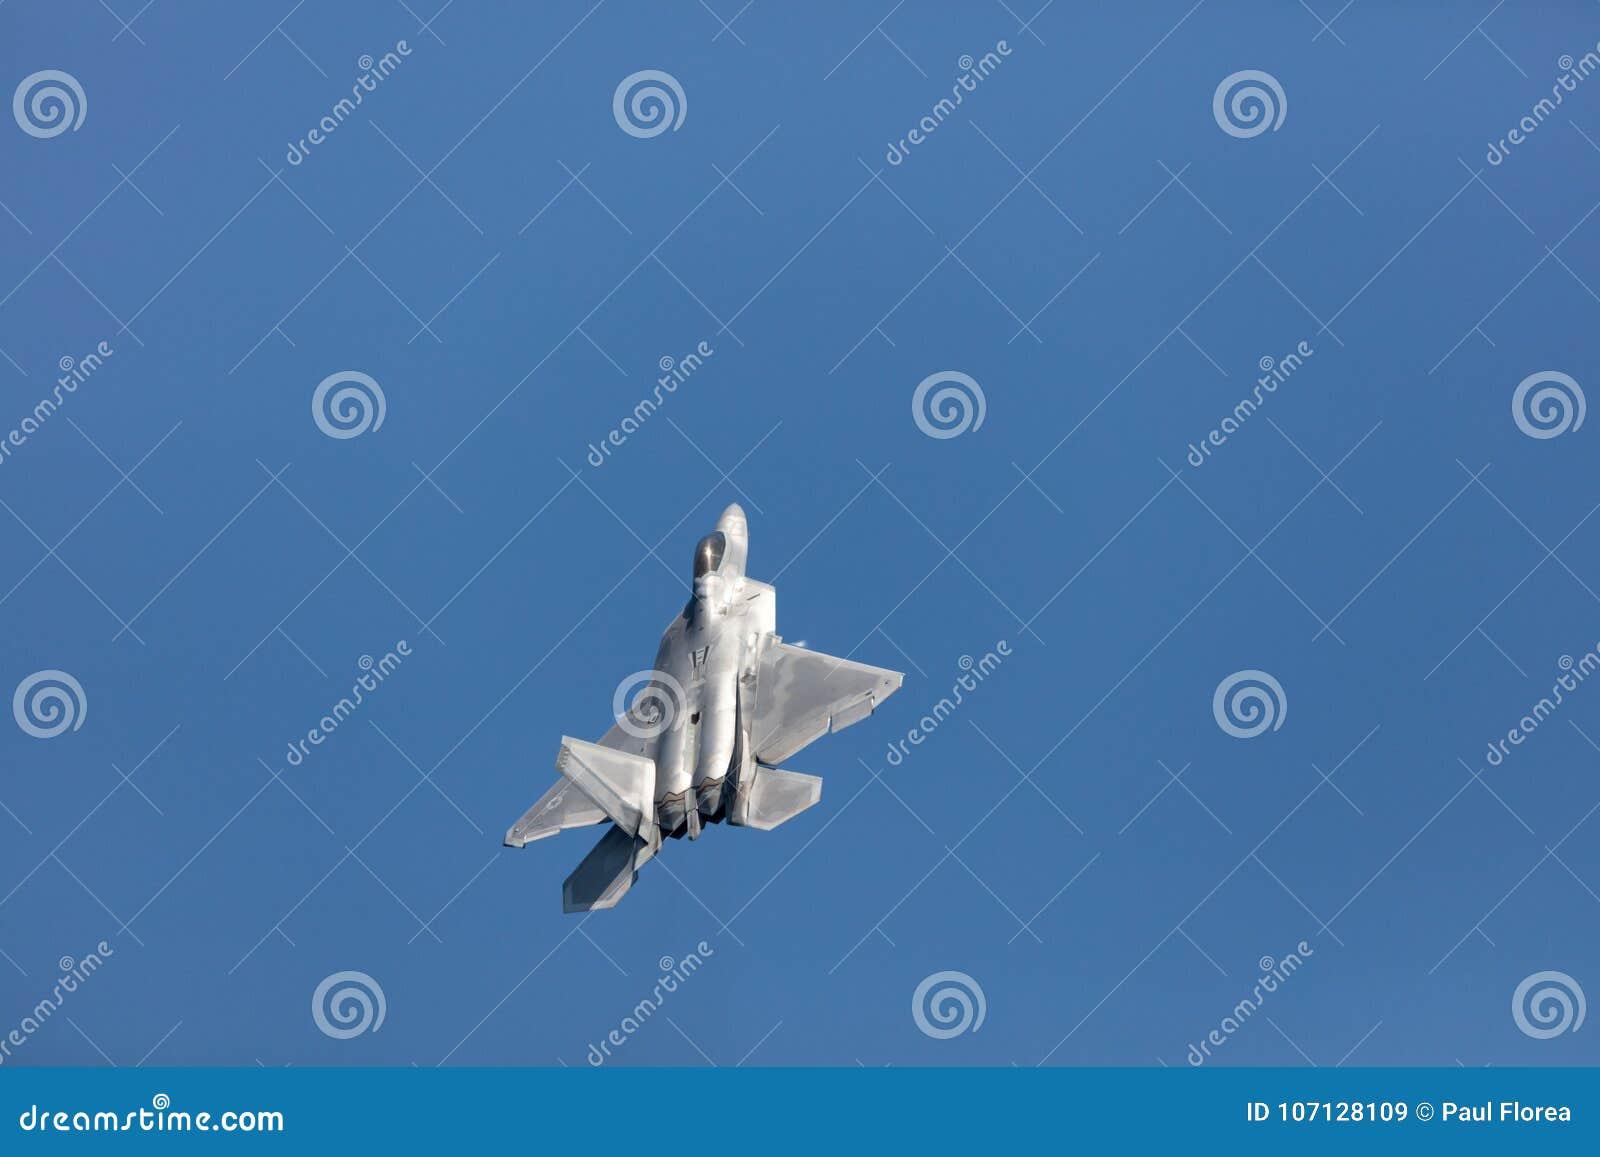 Flug des Erbef-35